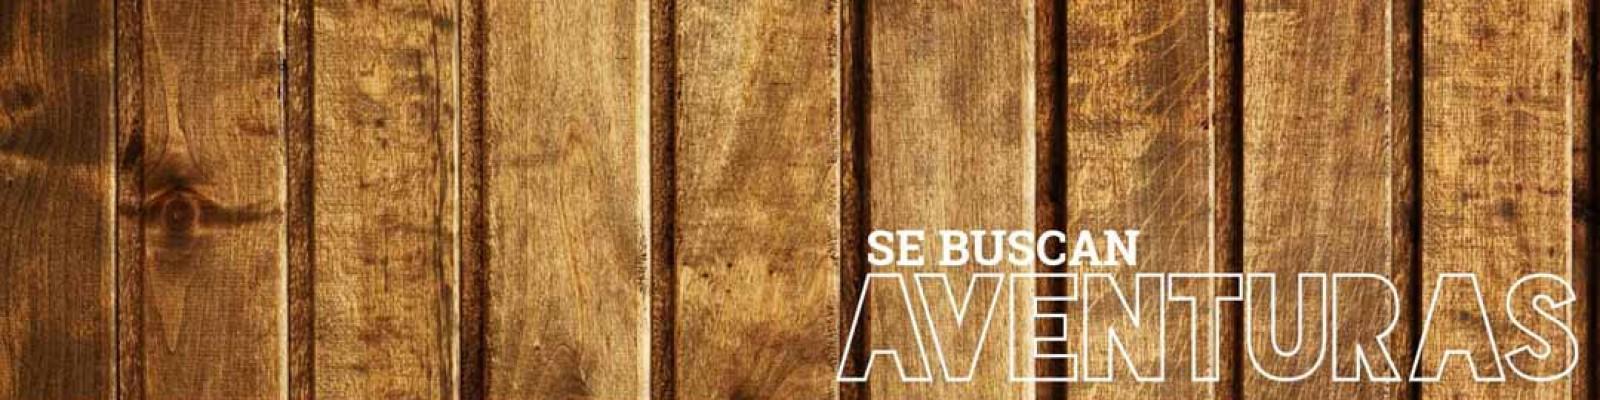 cropped-portada-letras-web1.jpg